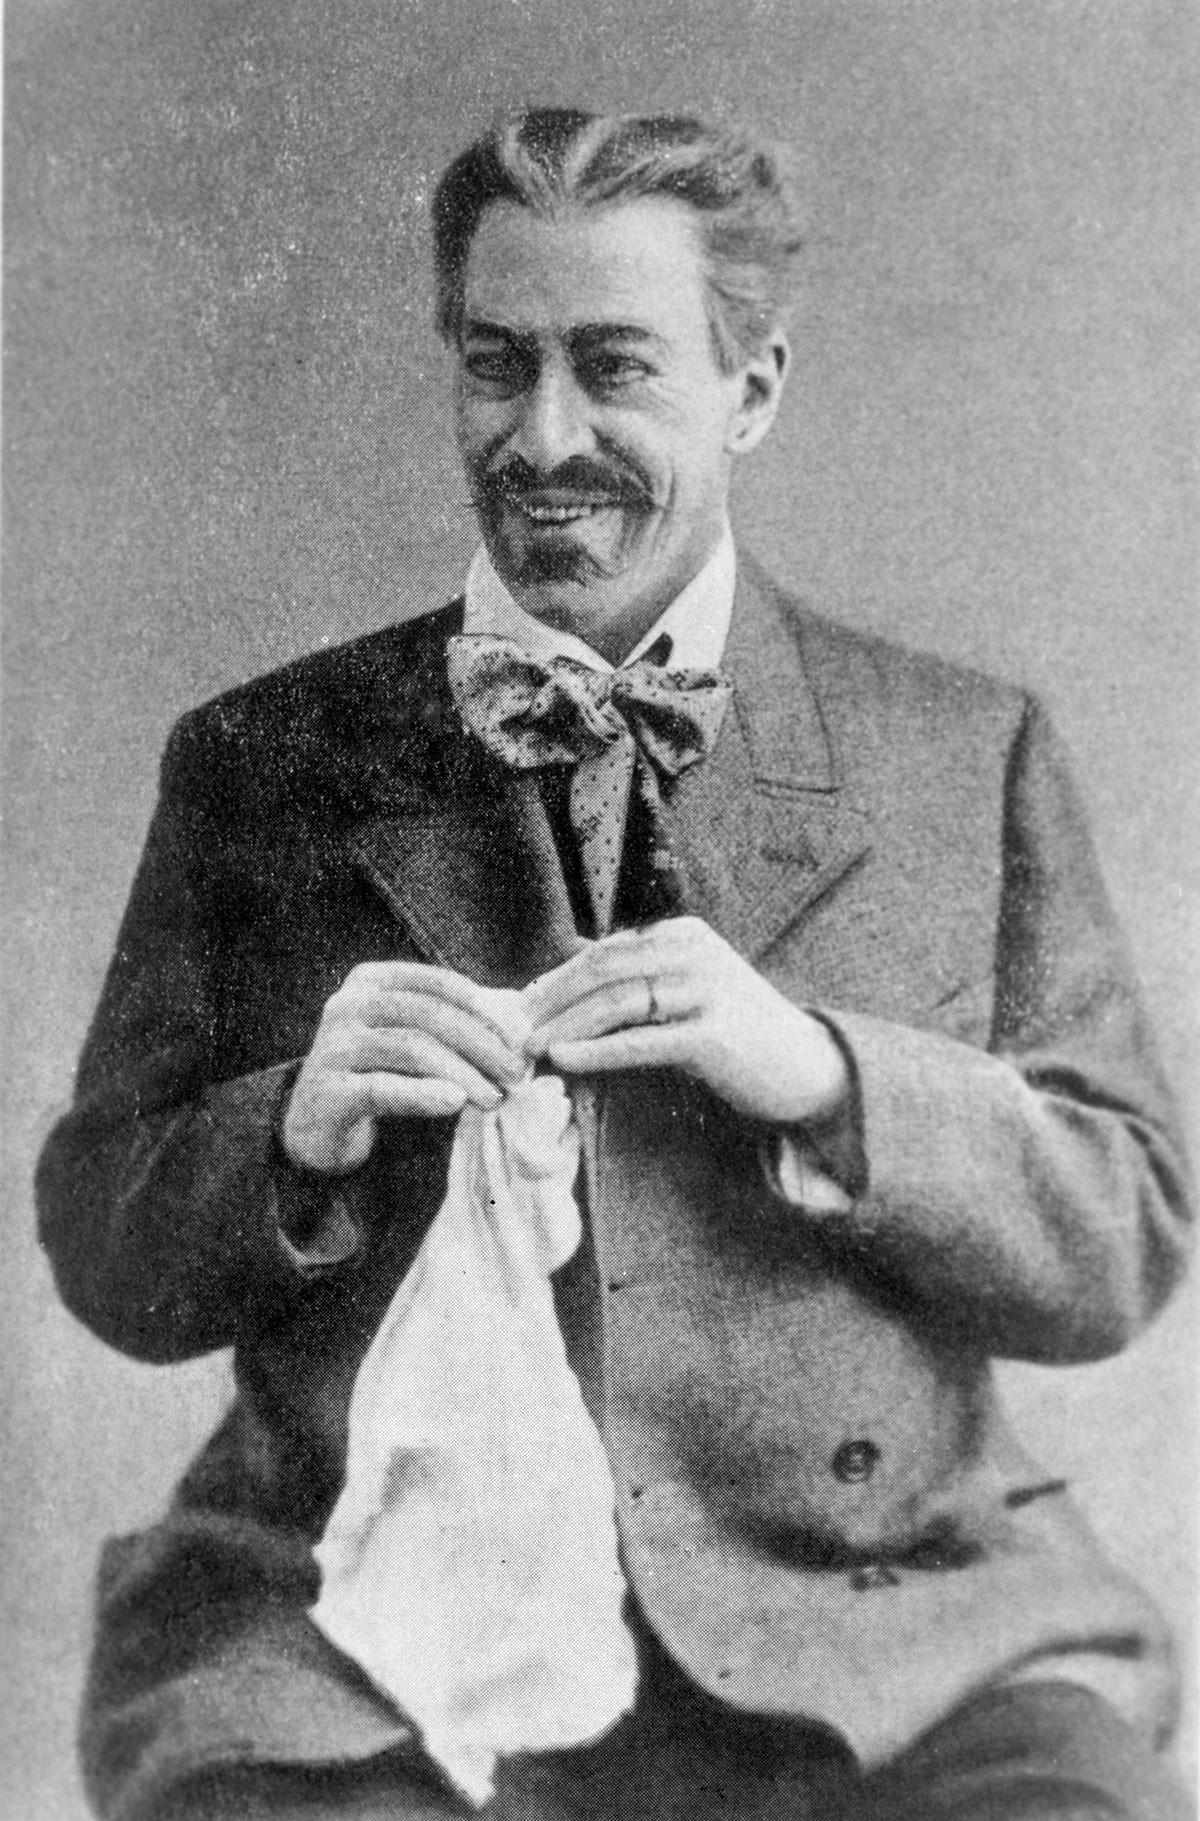 Konstantin Stanislavsky as Gaev in 'The Cherry Orchard'.